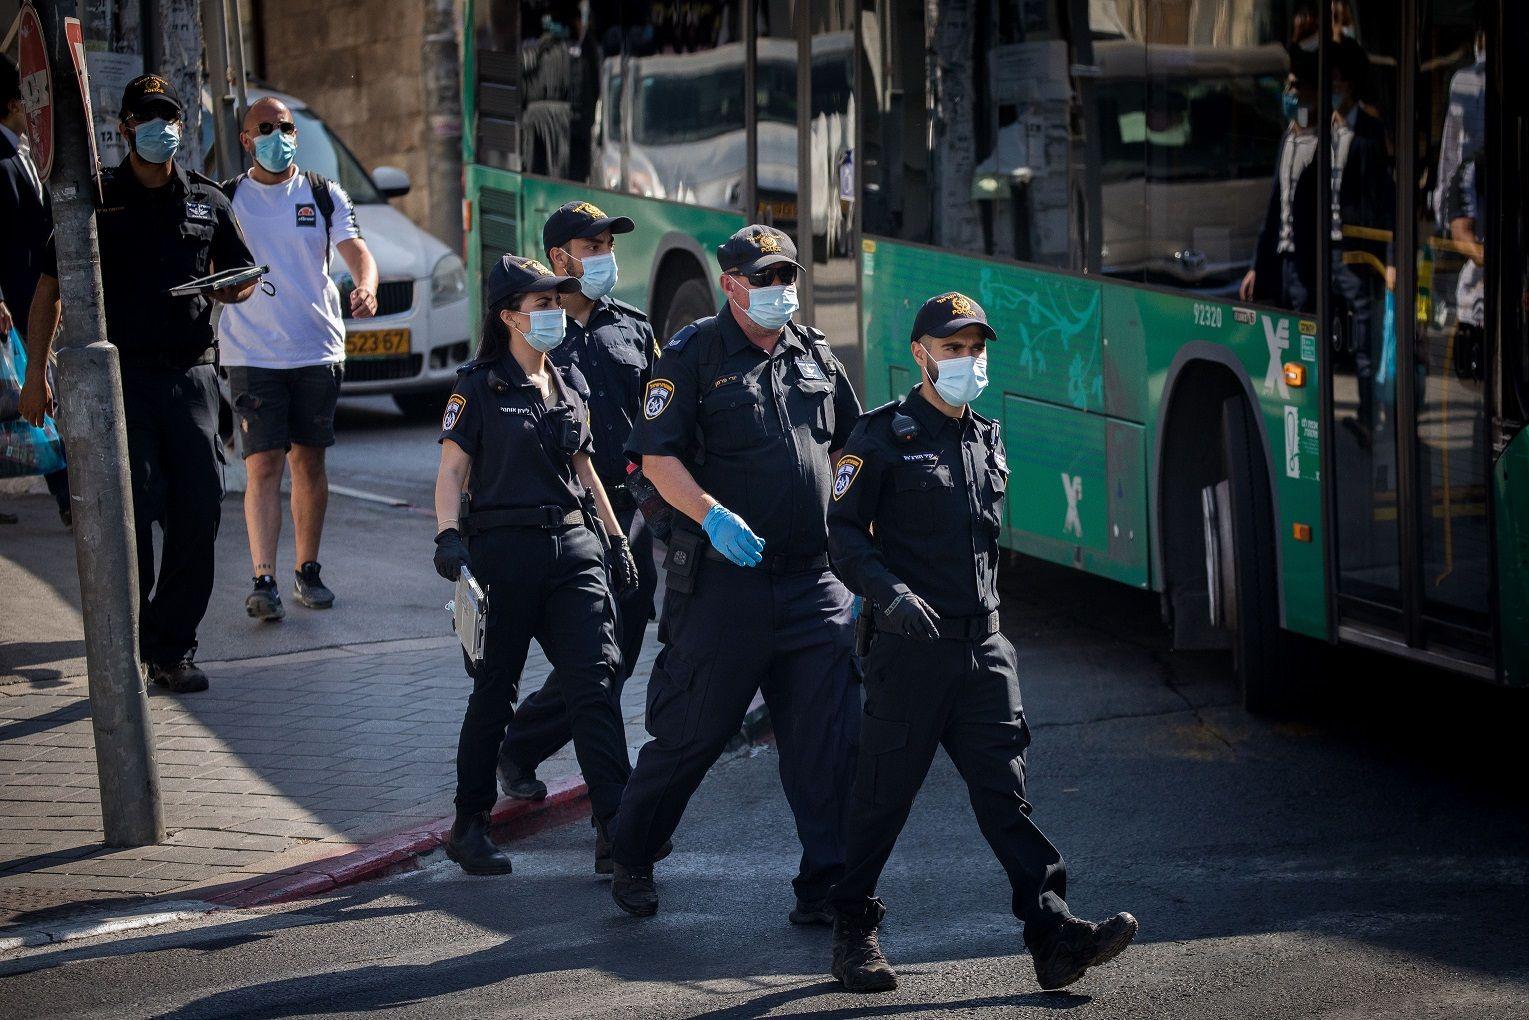 ისრაელის პოლიციამ ქორწილი სასტიკად დაშალა (ვიდეო)